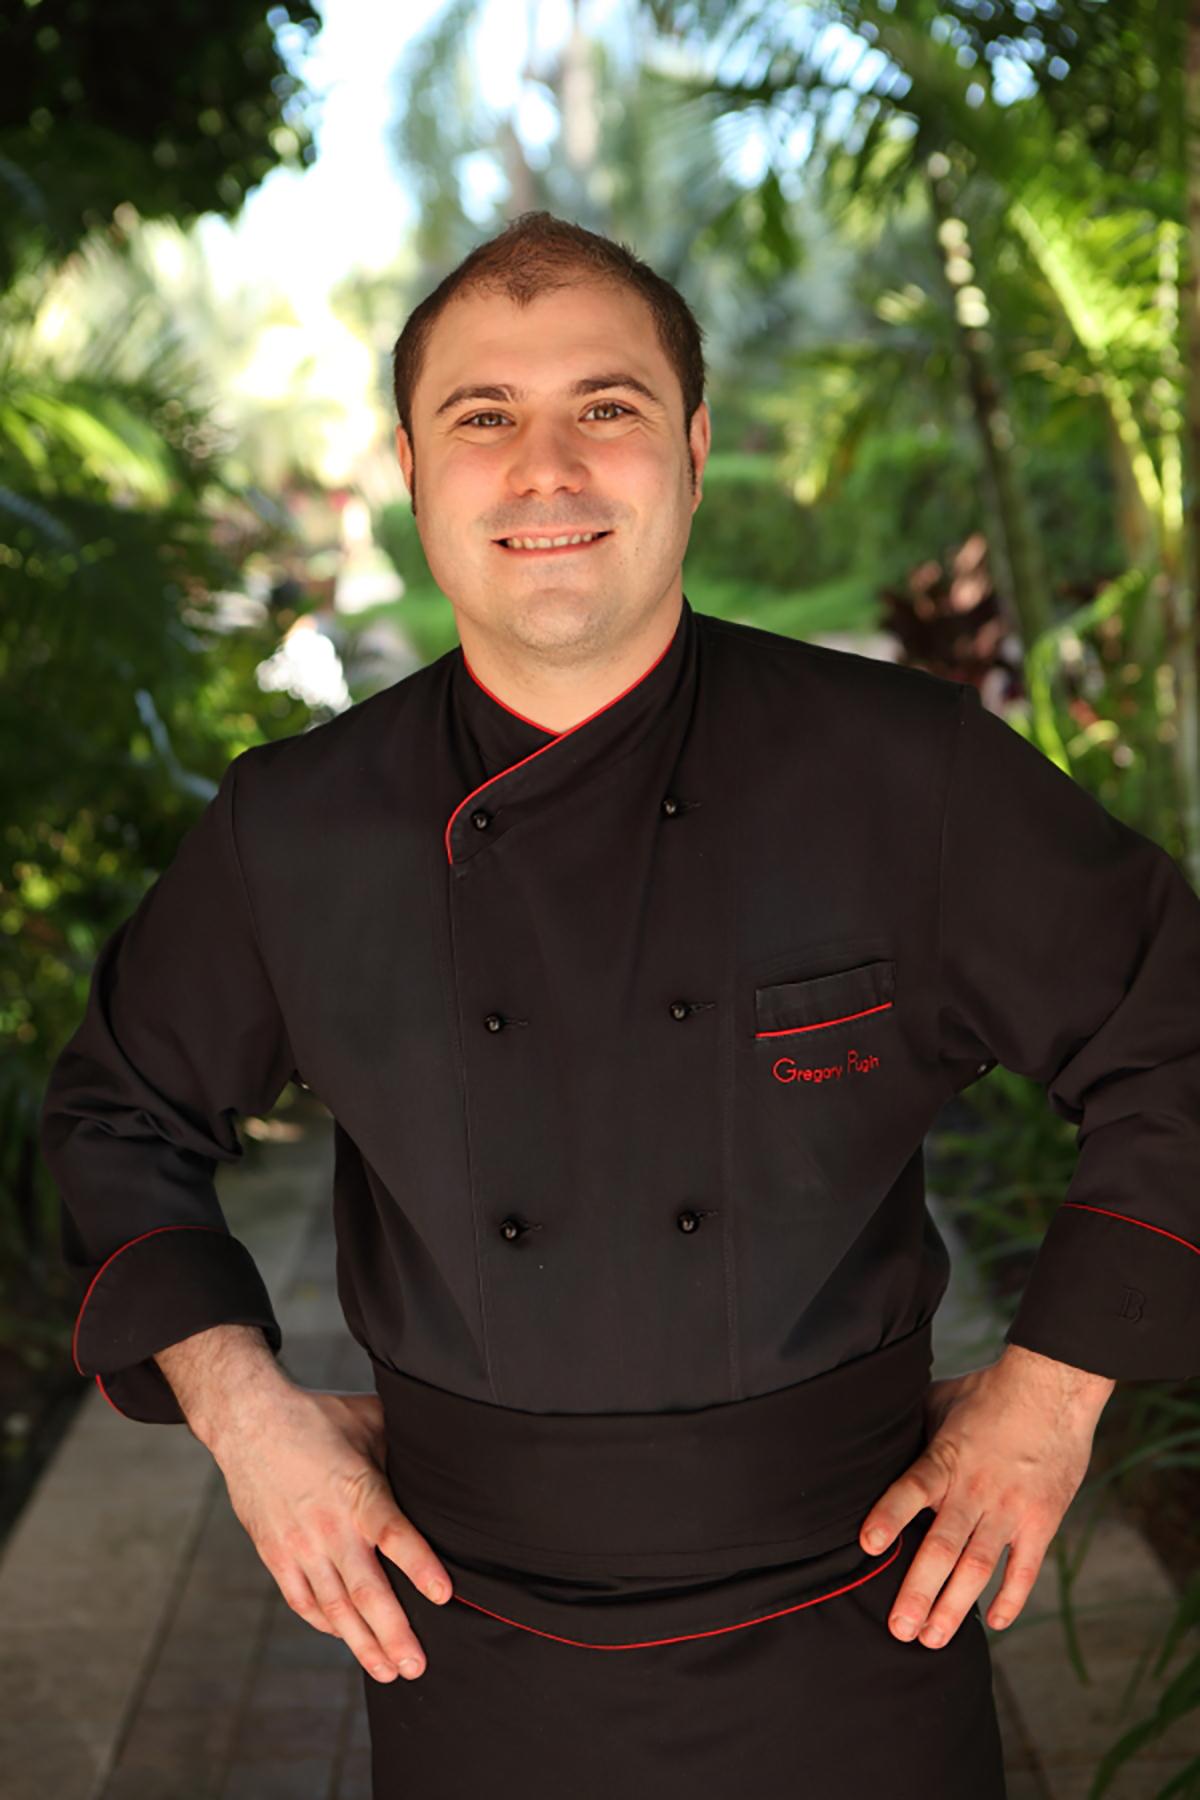 chef-pugin-1